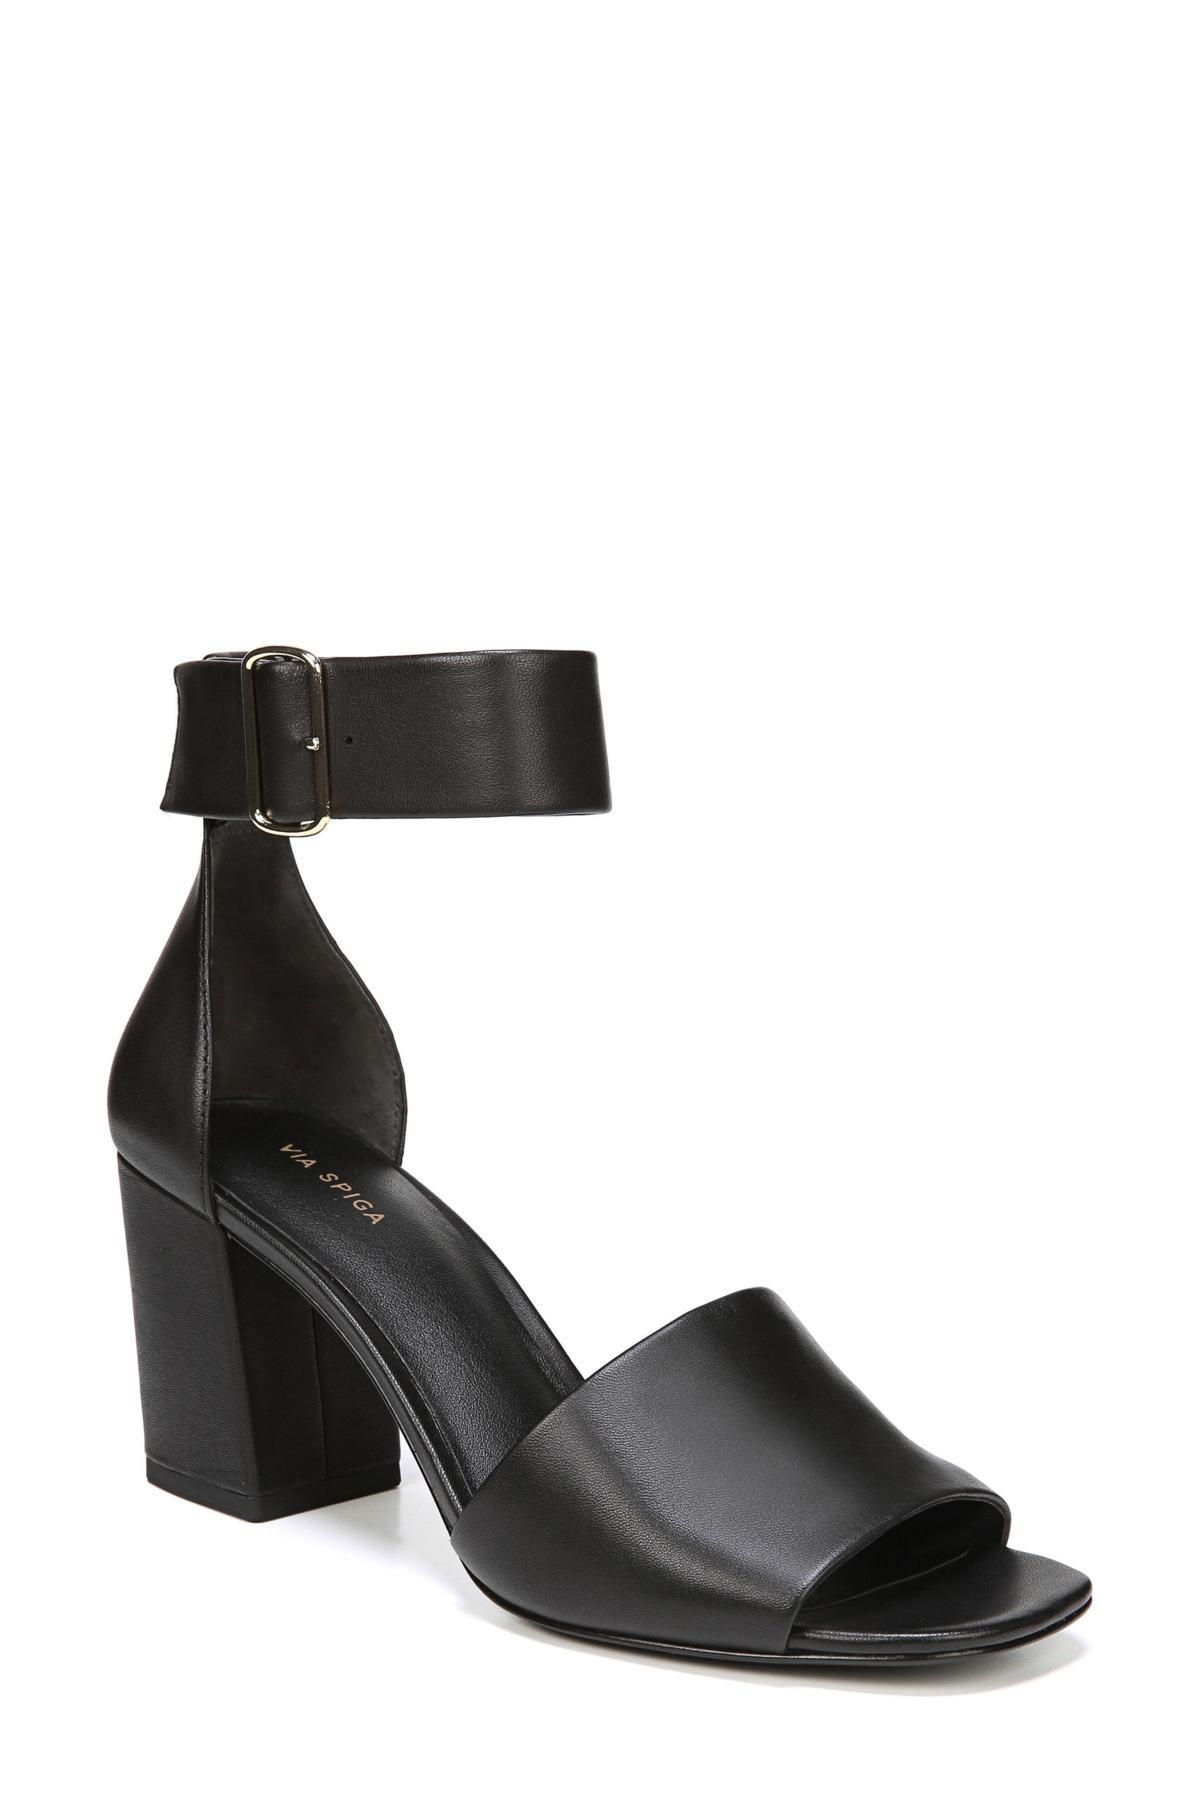 997898002bc Via Spiga - Black Evonne Ankle Strap Sandal - Lyst. View fullscreen